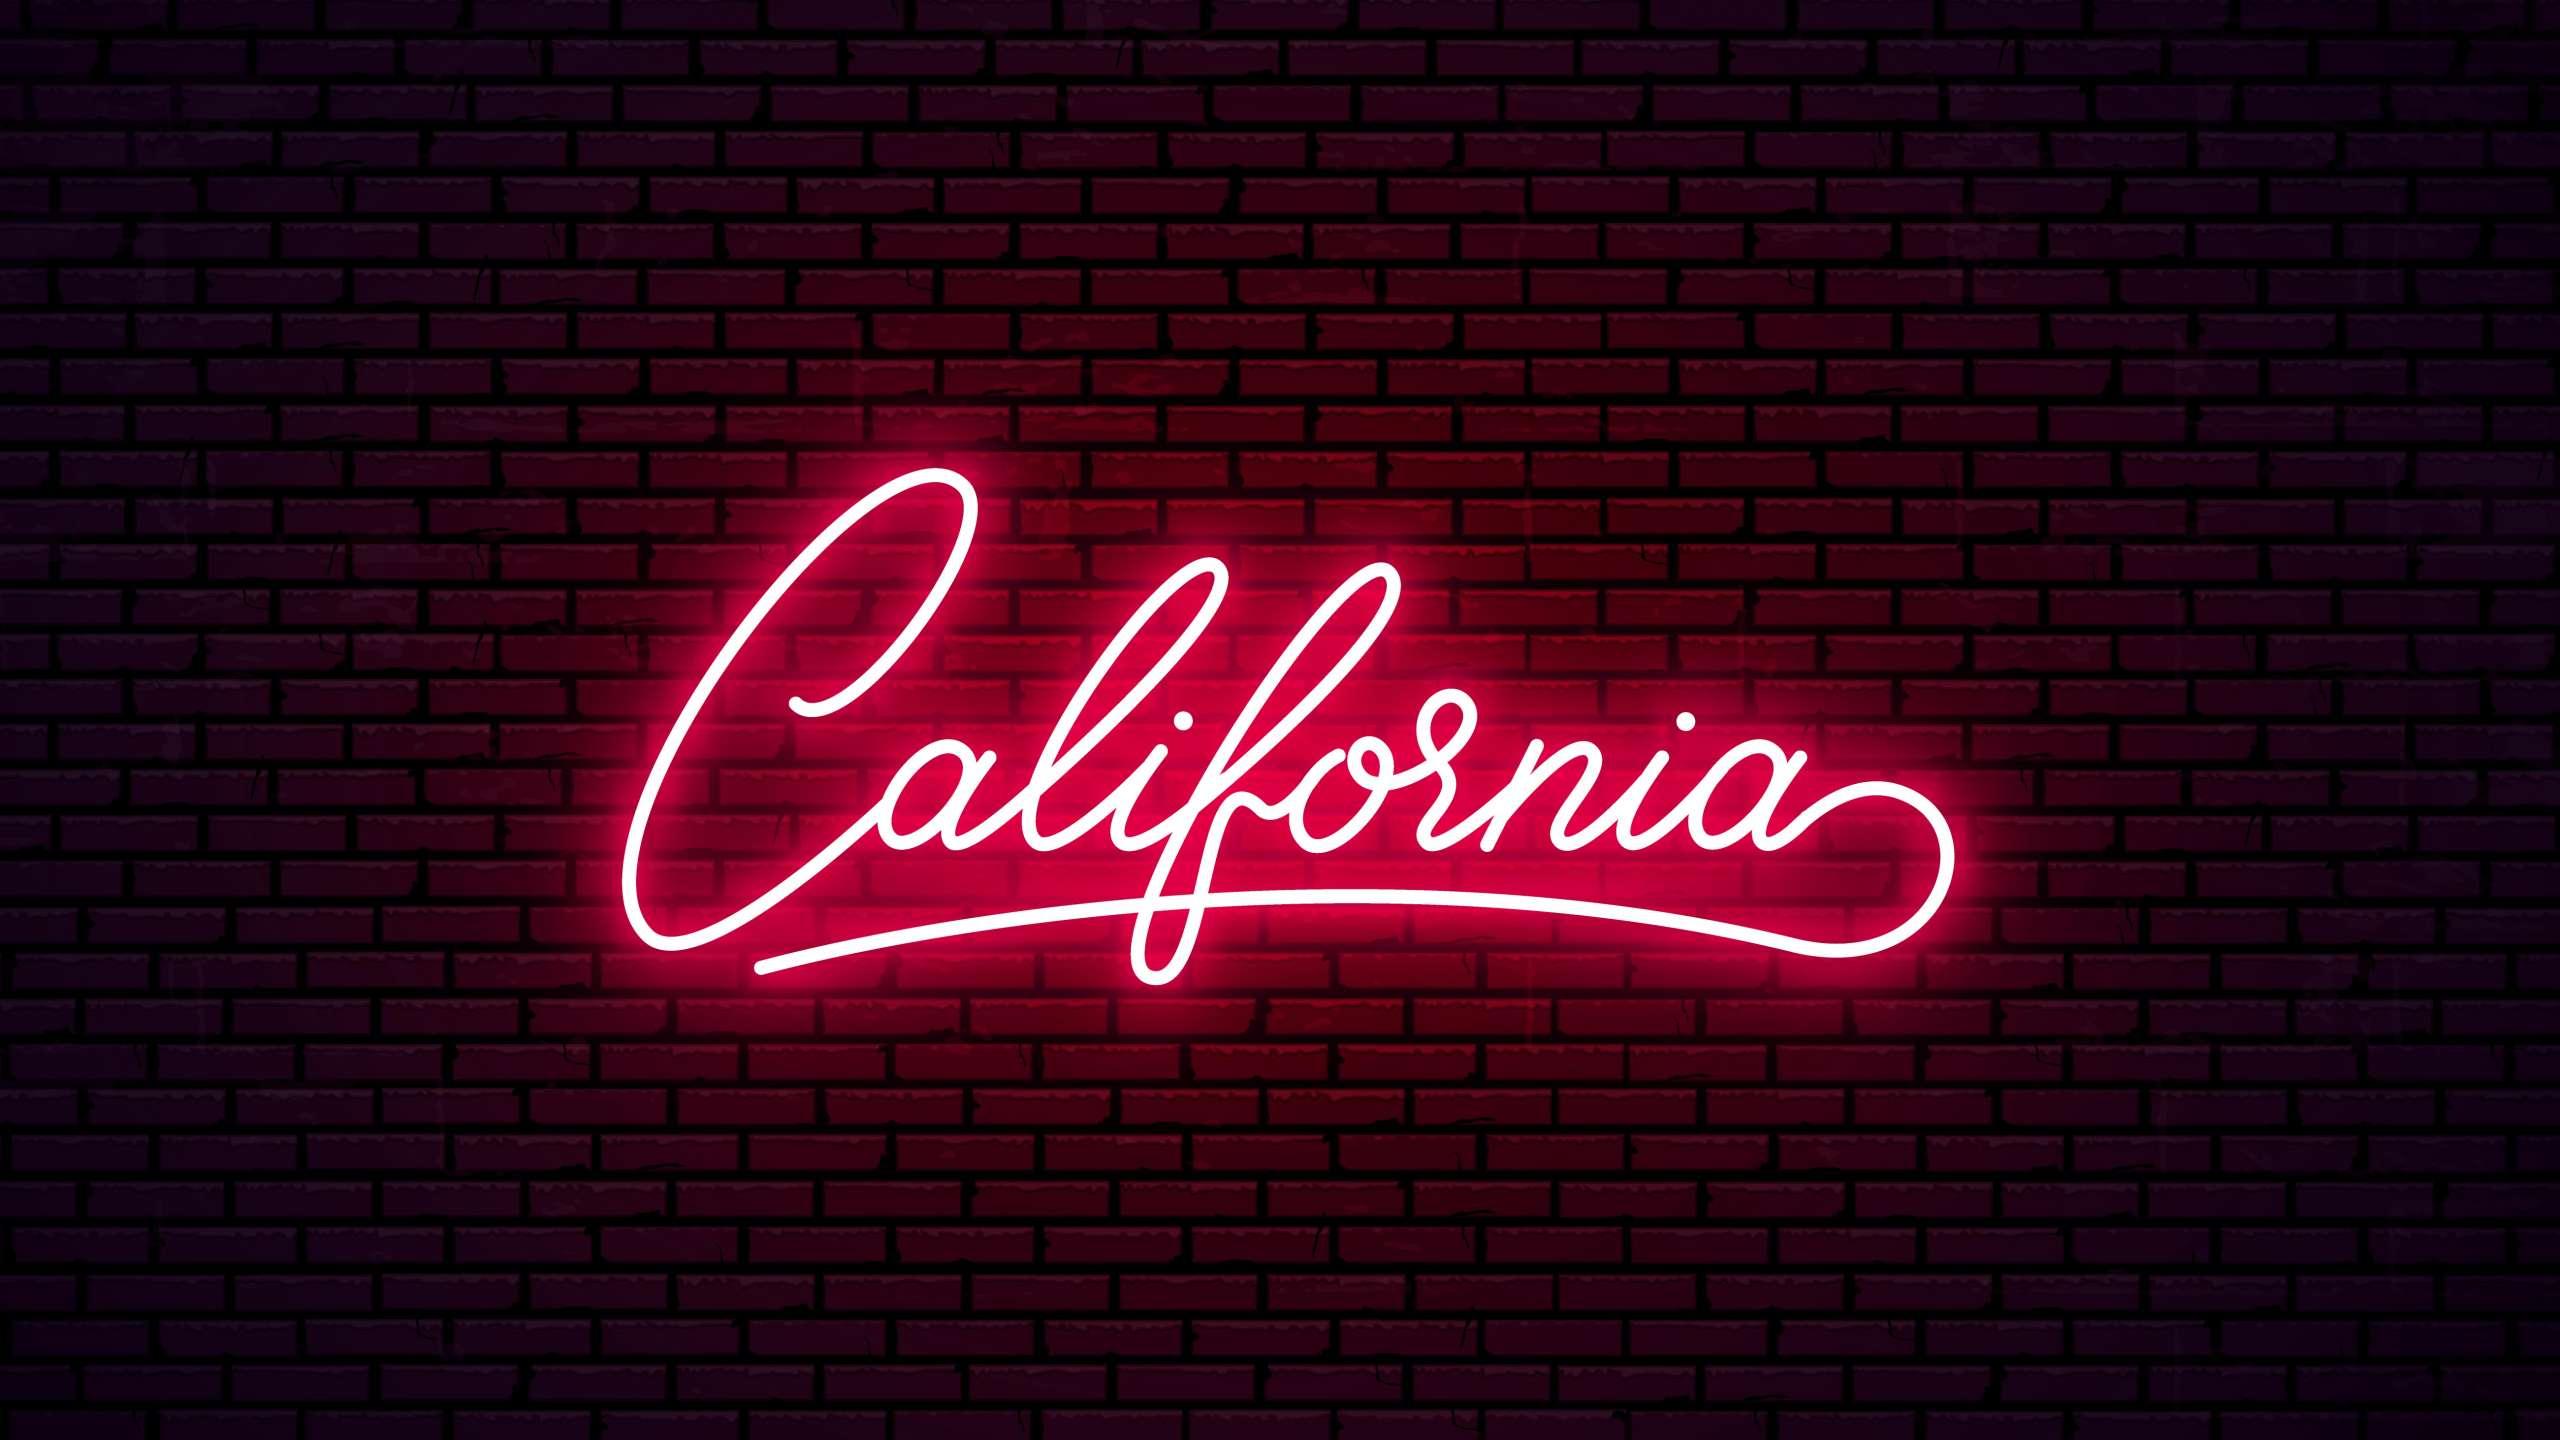 California- California led sign board